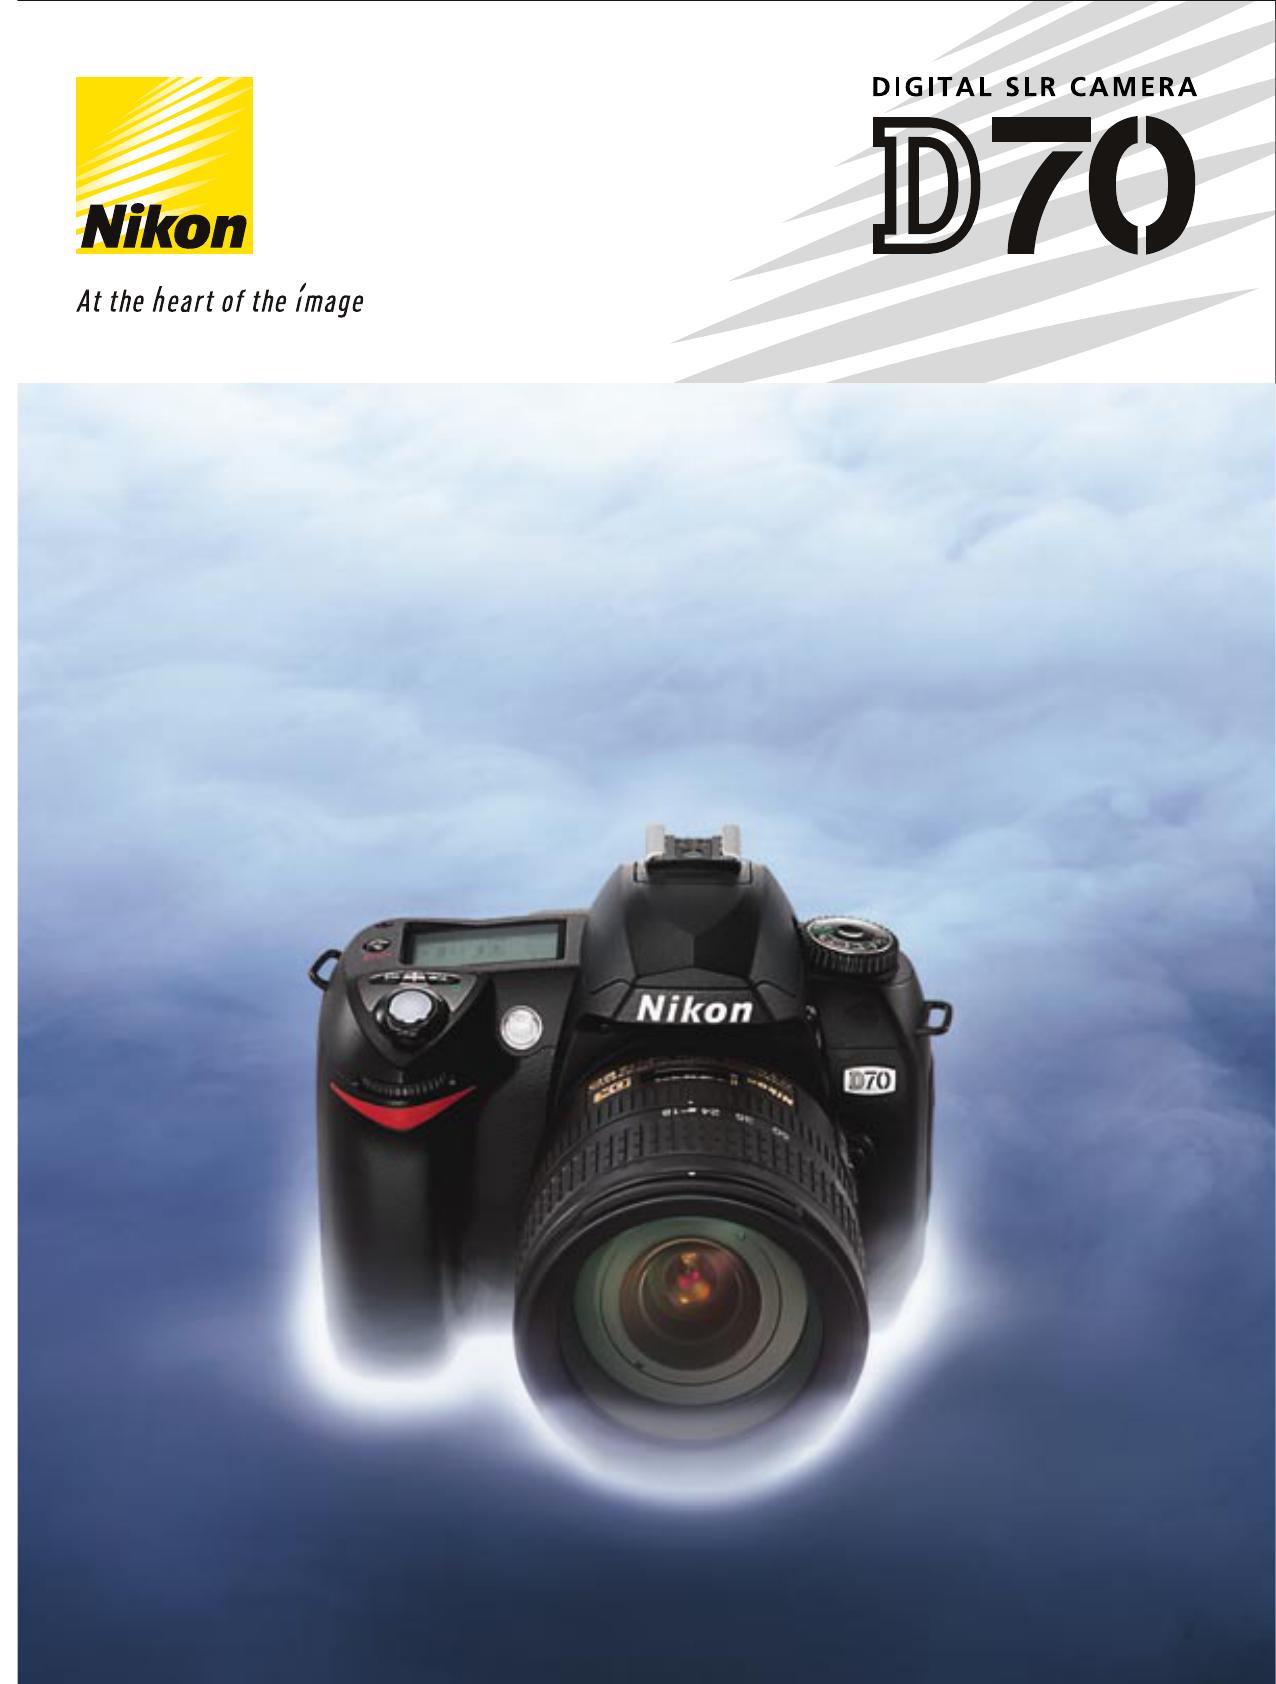 Nikon Software - Digital Review